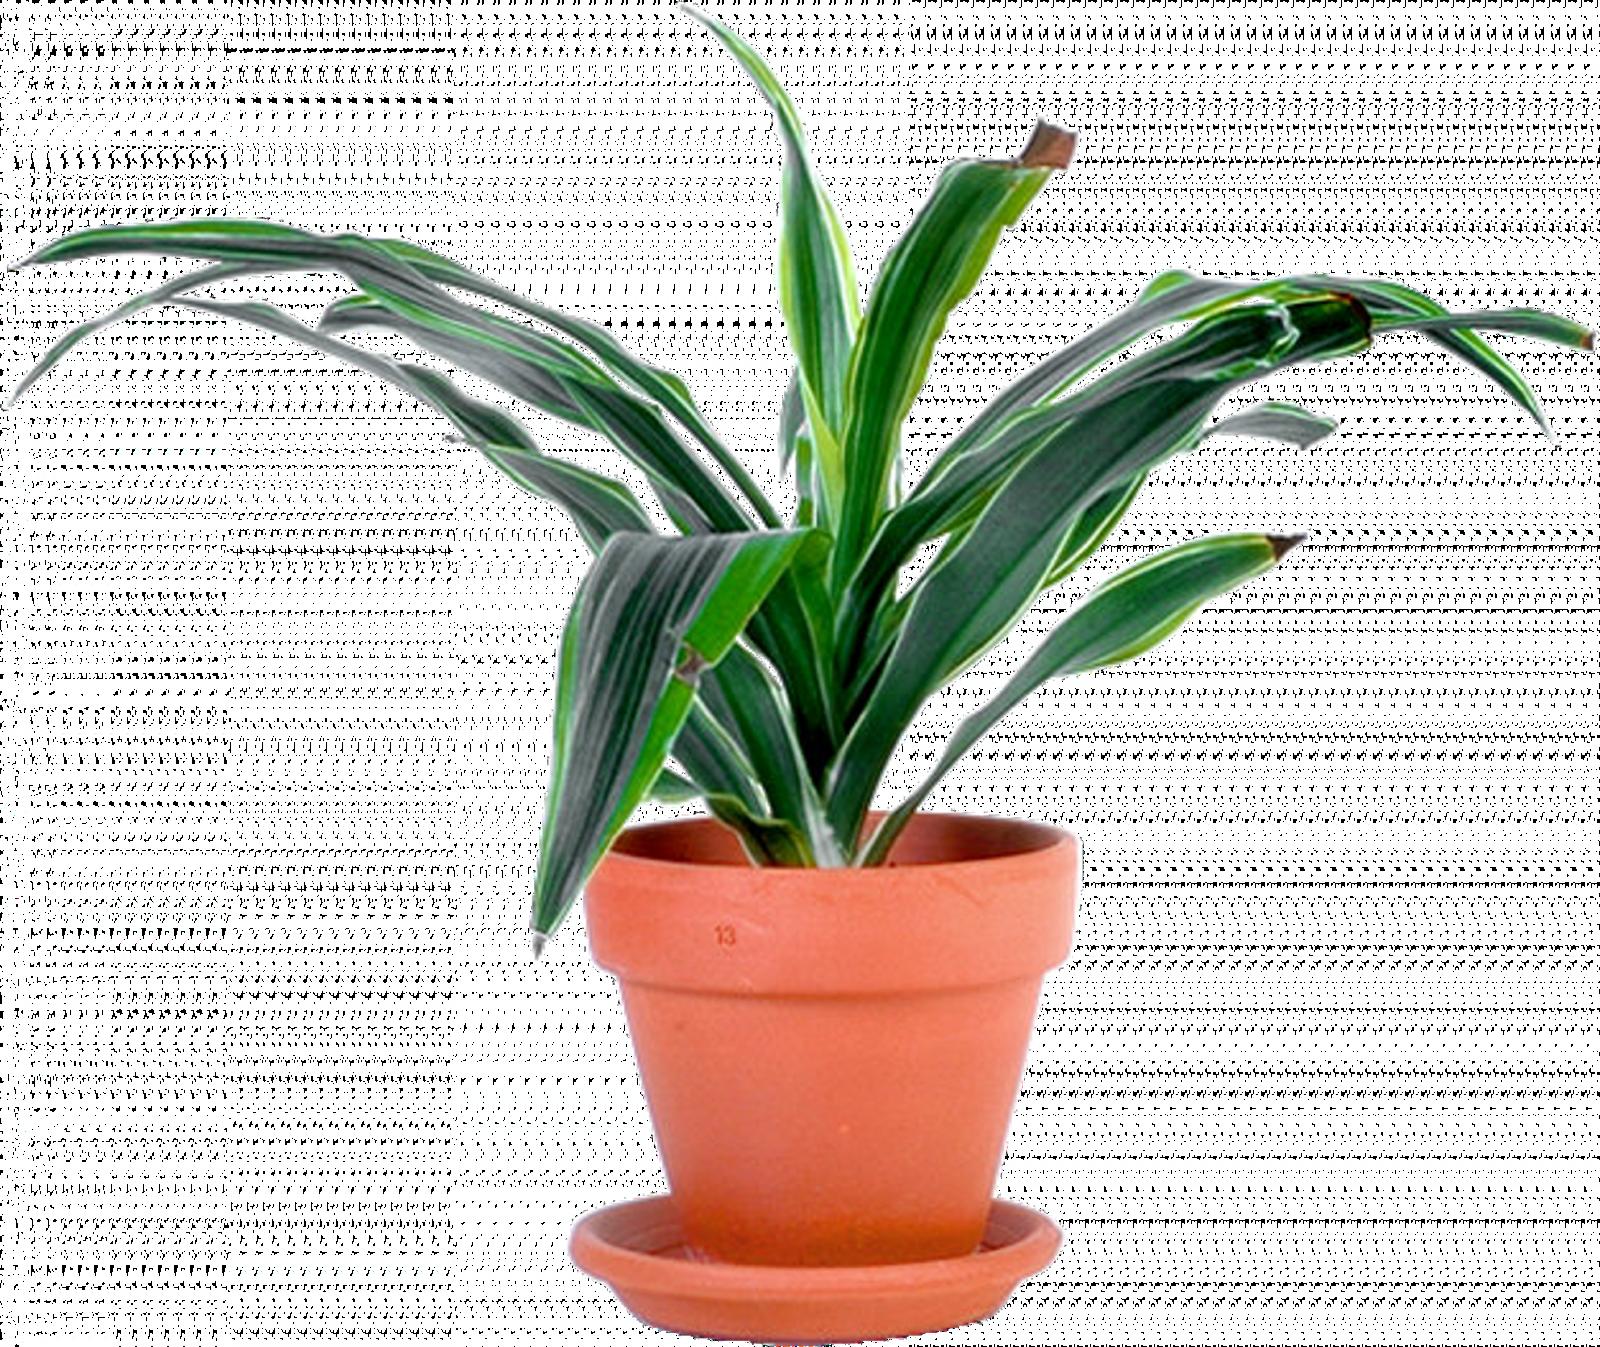 Planty, rectrice de l'Académie Impériale de Moncul et porte-paroles de The Tech Genius